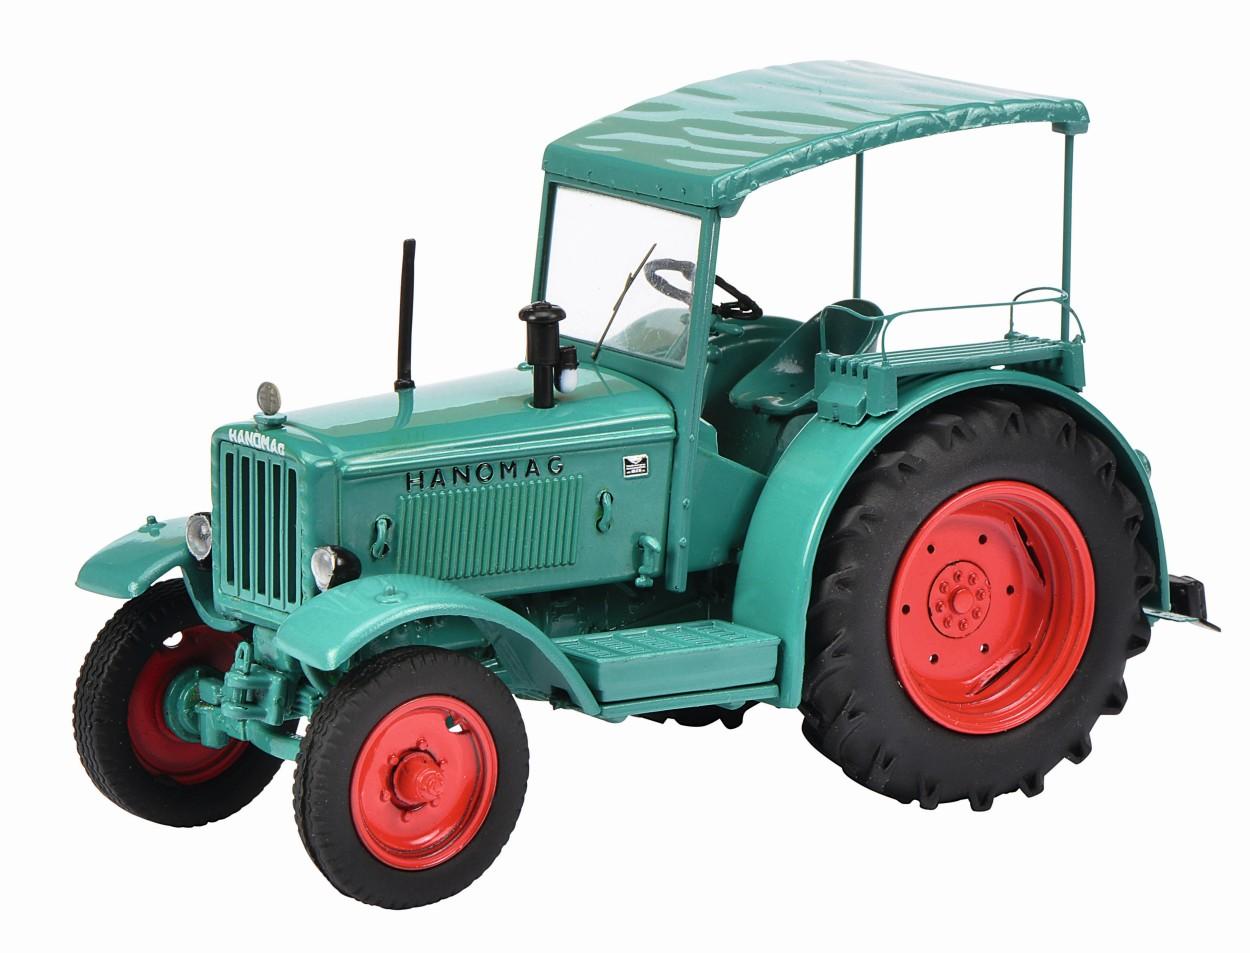 SCHUCO-Modell Hanomag R40 mit Verdeck, grün